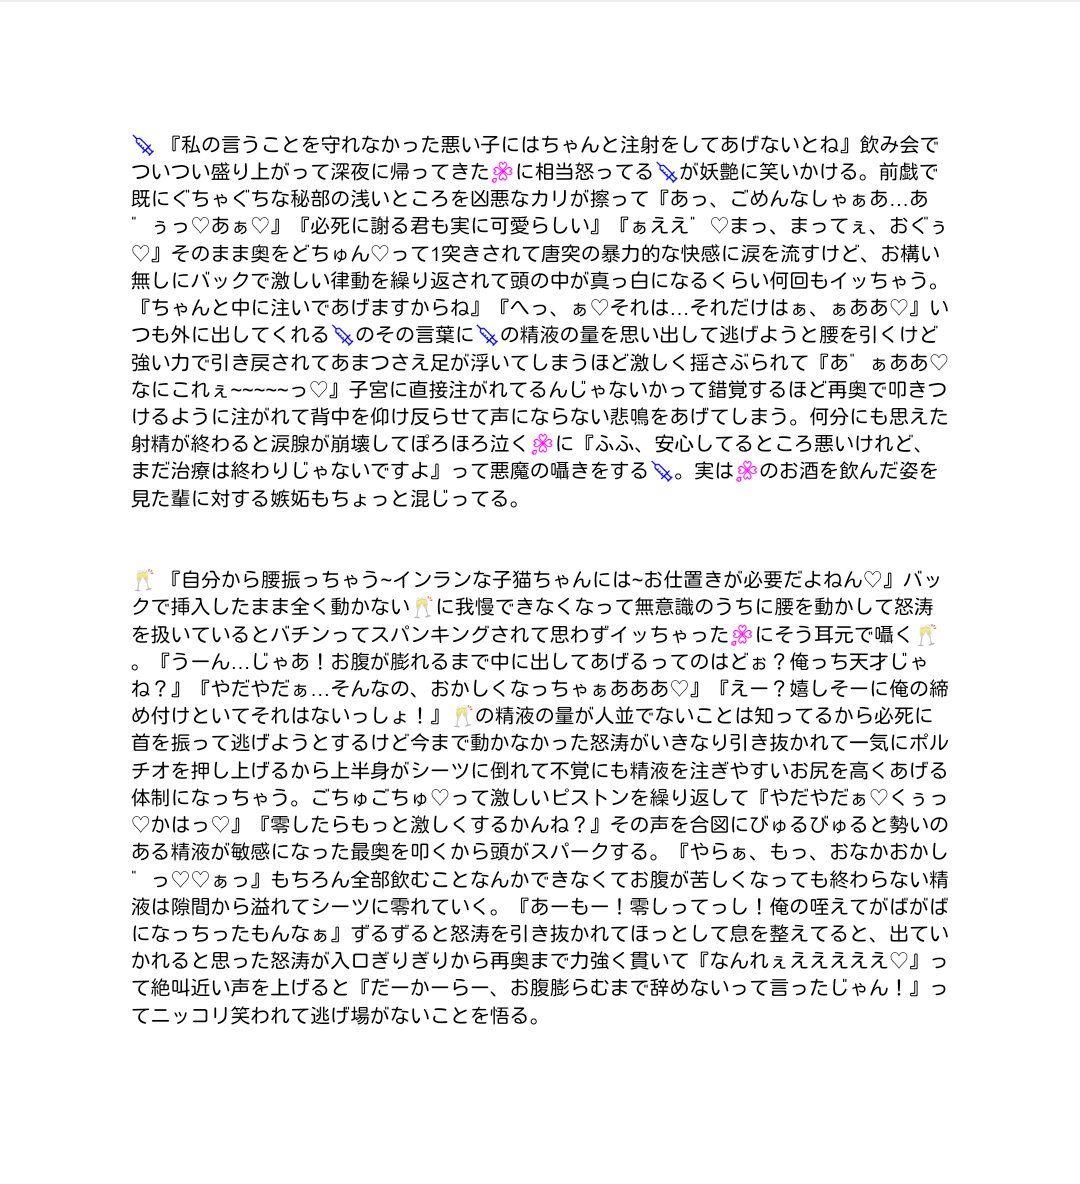 ボード ヒプマイ 夢小説r のピン